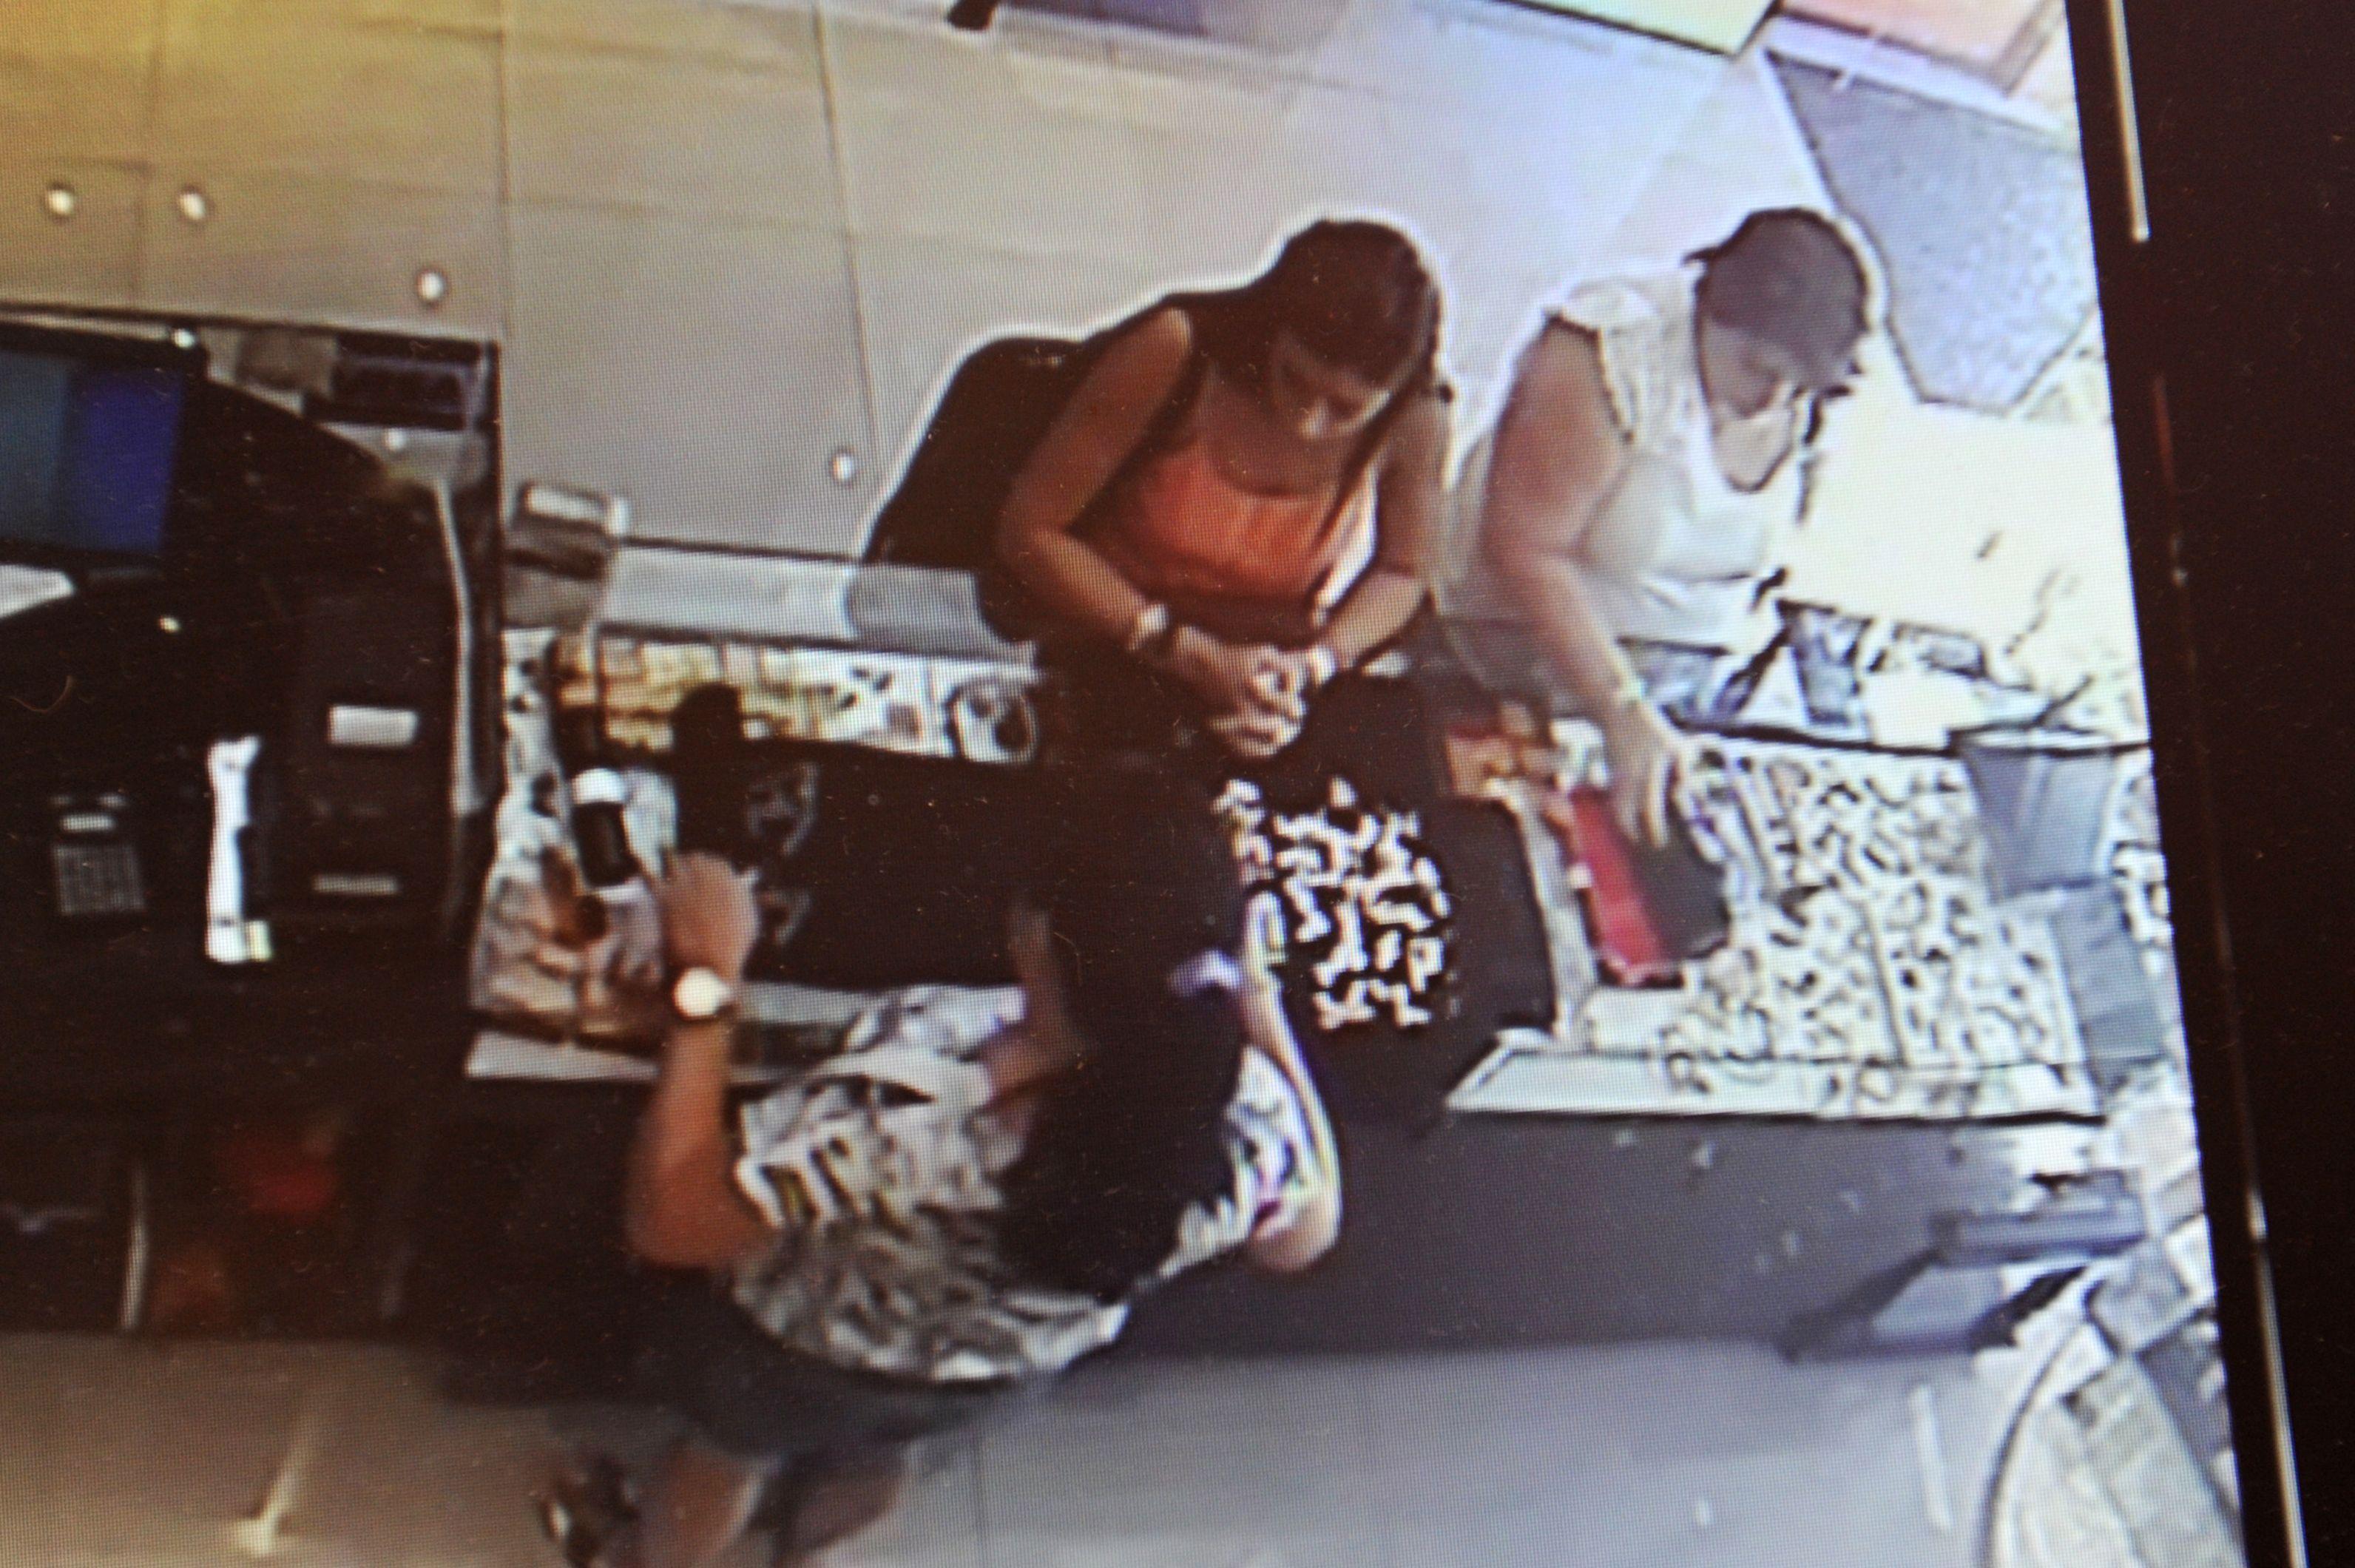 """La secuencia. Dos mujeres entretienen a la vendedora y una oculta un paño con alhajas hasta ponerlo en su cartera. Las """"clientas"""" fueron muy amables."""